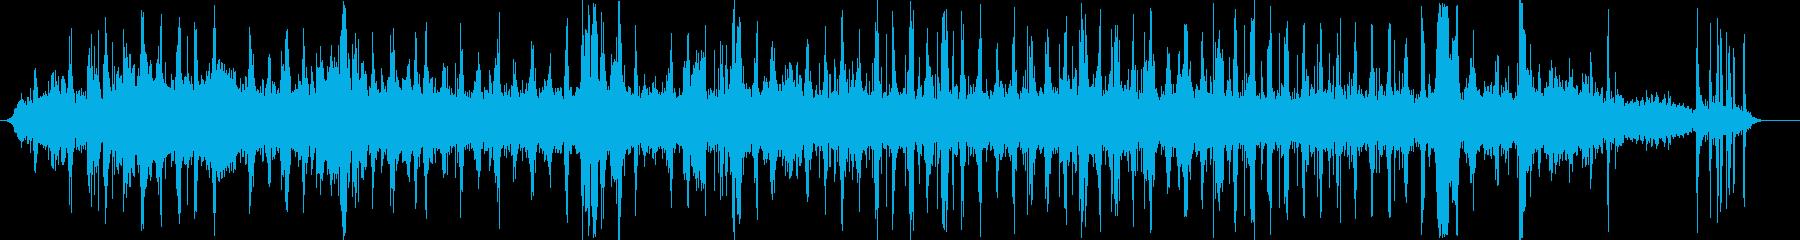 聖週間ラレバンタの再生済みの波形